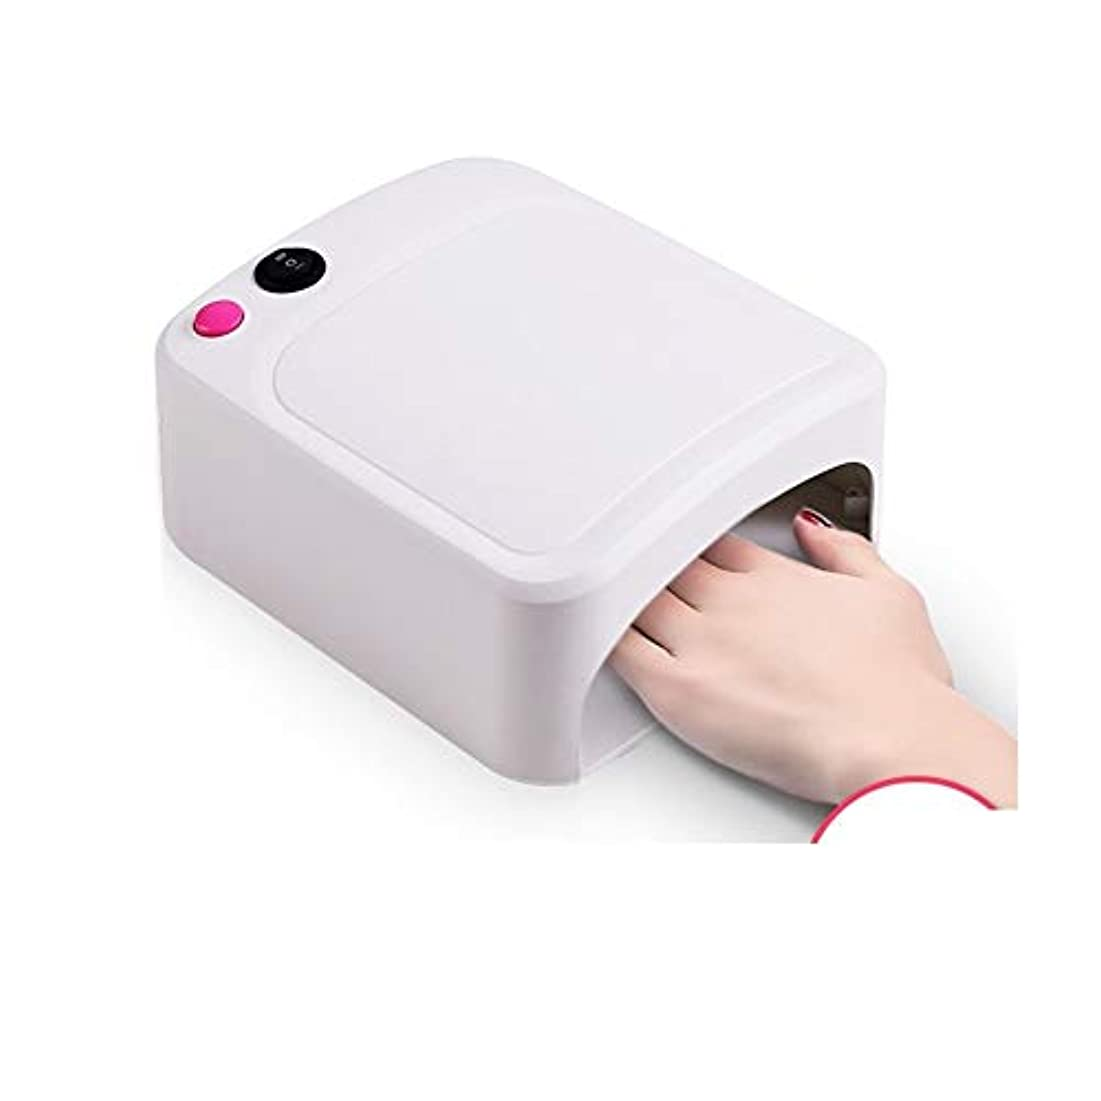 に慣れ骨折風変わりなLittleCat 米国の規制110VフラットプラグネイルUVランプ36WライトセラピーマシンネイルネイルドライヤーUVランプヒートランプ (色 : Pink)